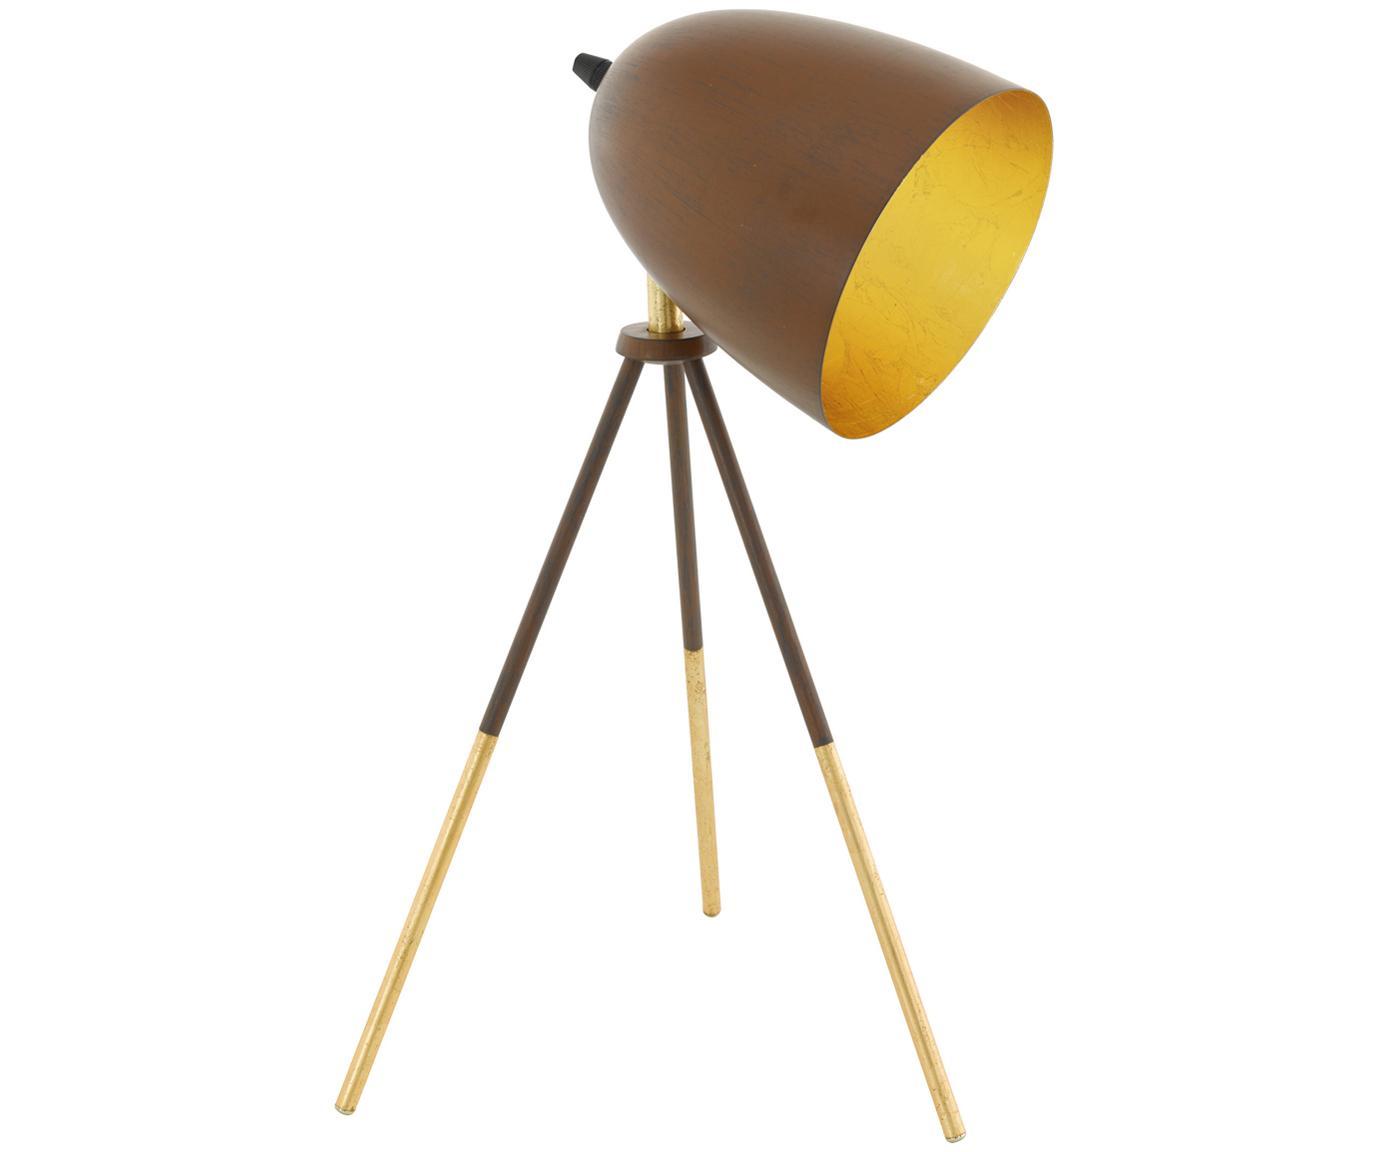 Schreibtischlampe Chester im Industrial-Style, Braun, Goldfarben, Ø 29 x H 44 cm